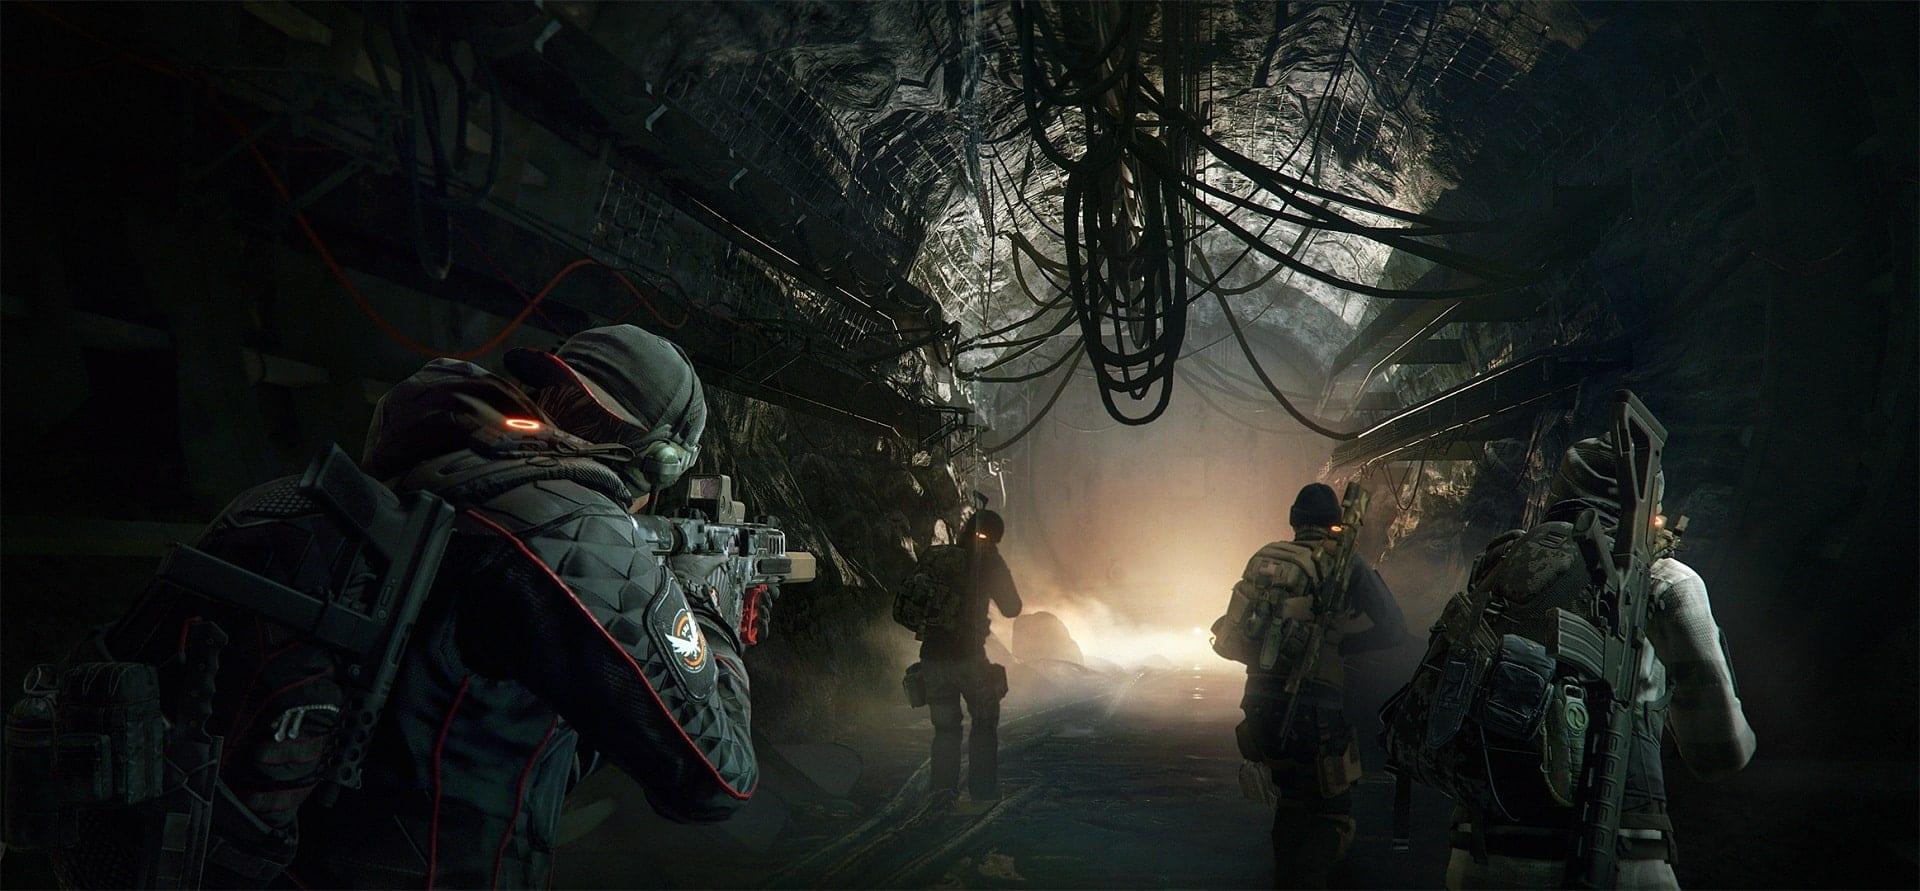 L'Espansione I: New York Underground per Tom Clancy's The Division sarà disponibile dal 28 giugno